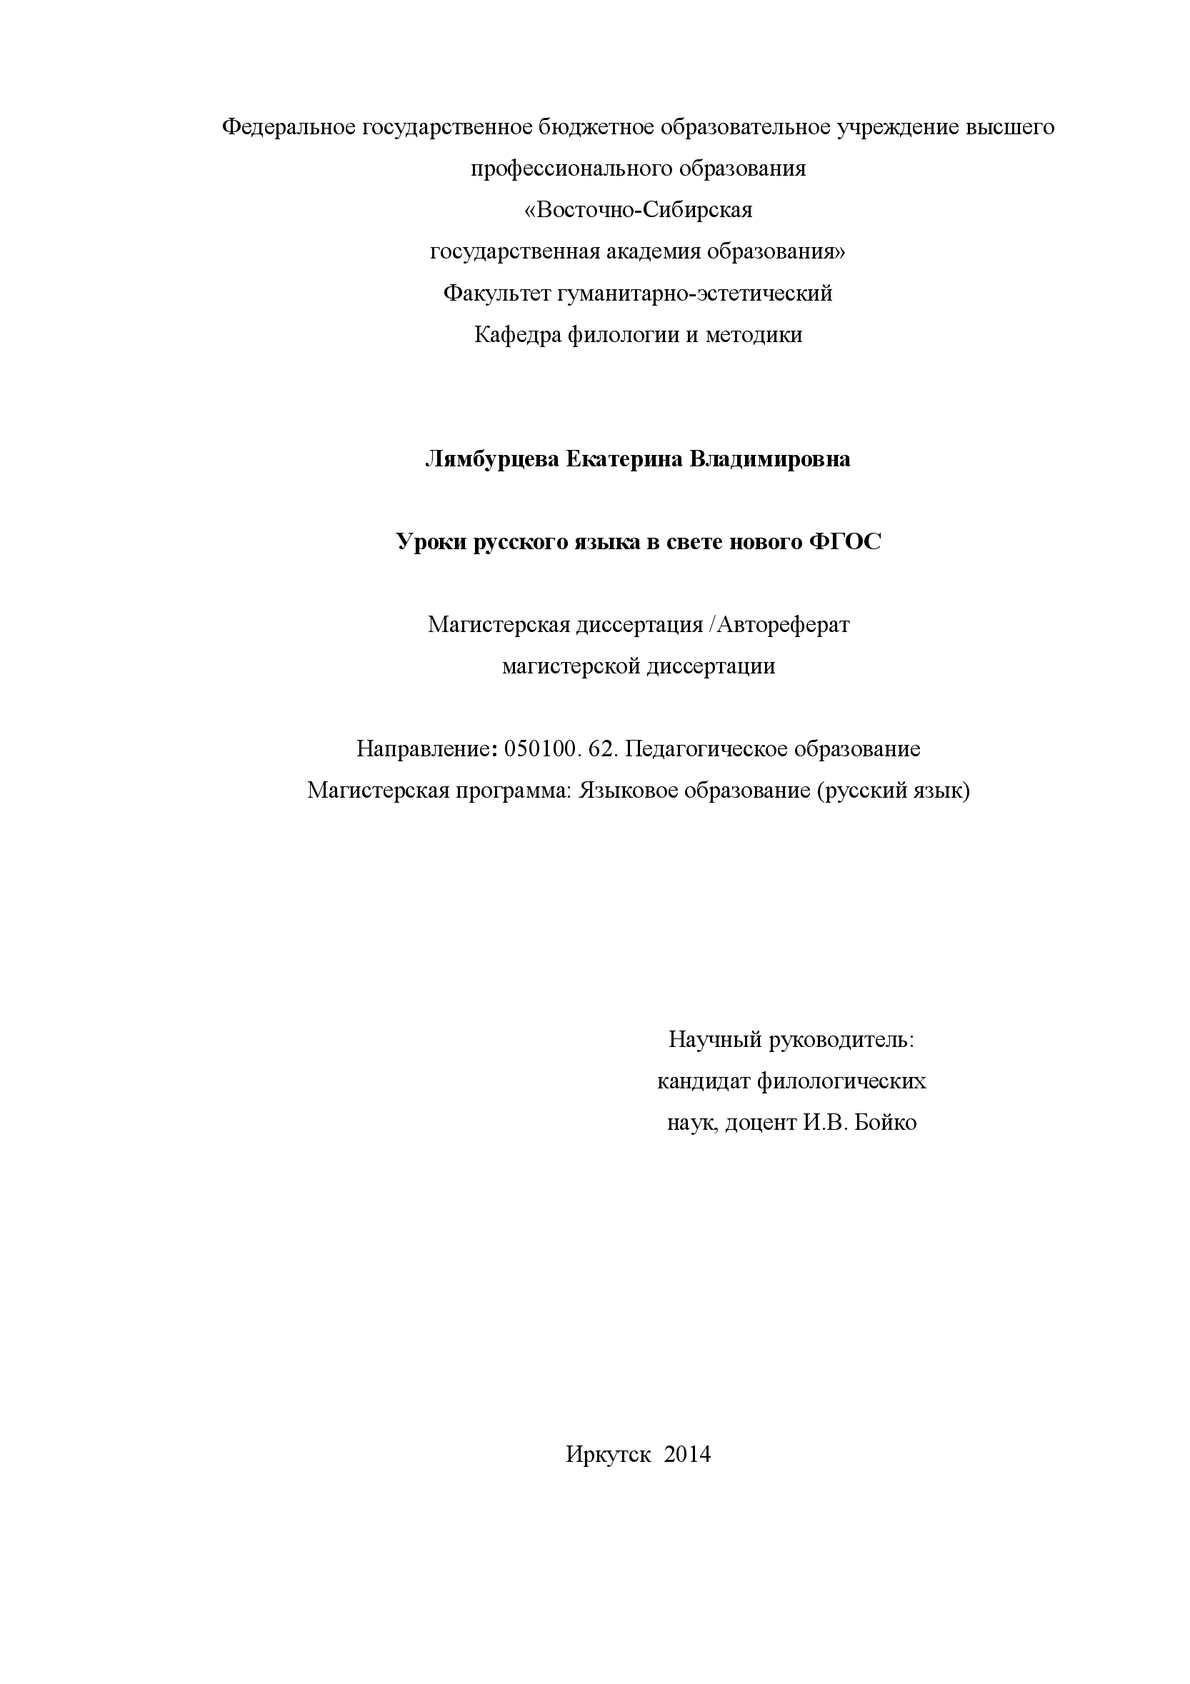 Автореферат магистерской диссертации